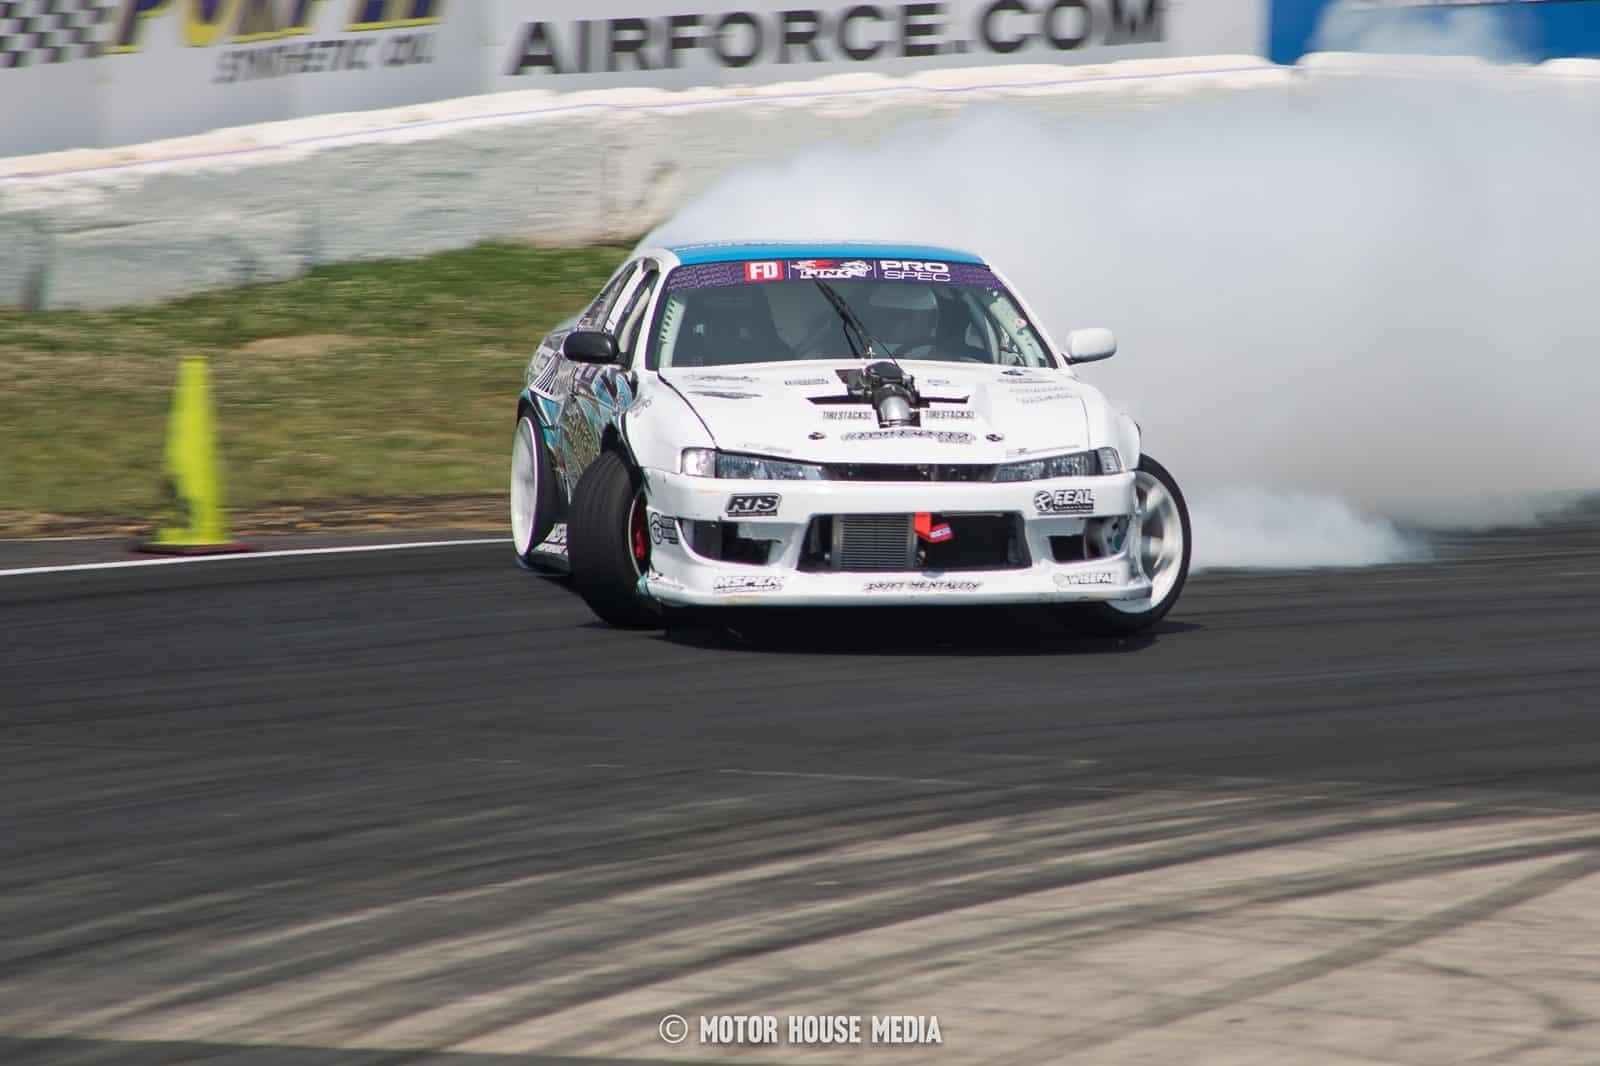 Formula Drift Prospec driver